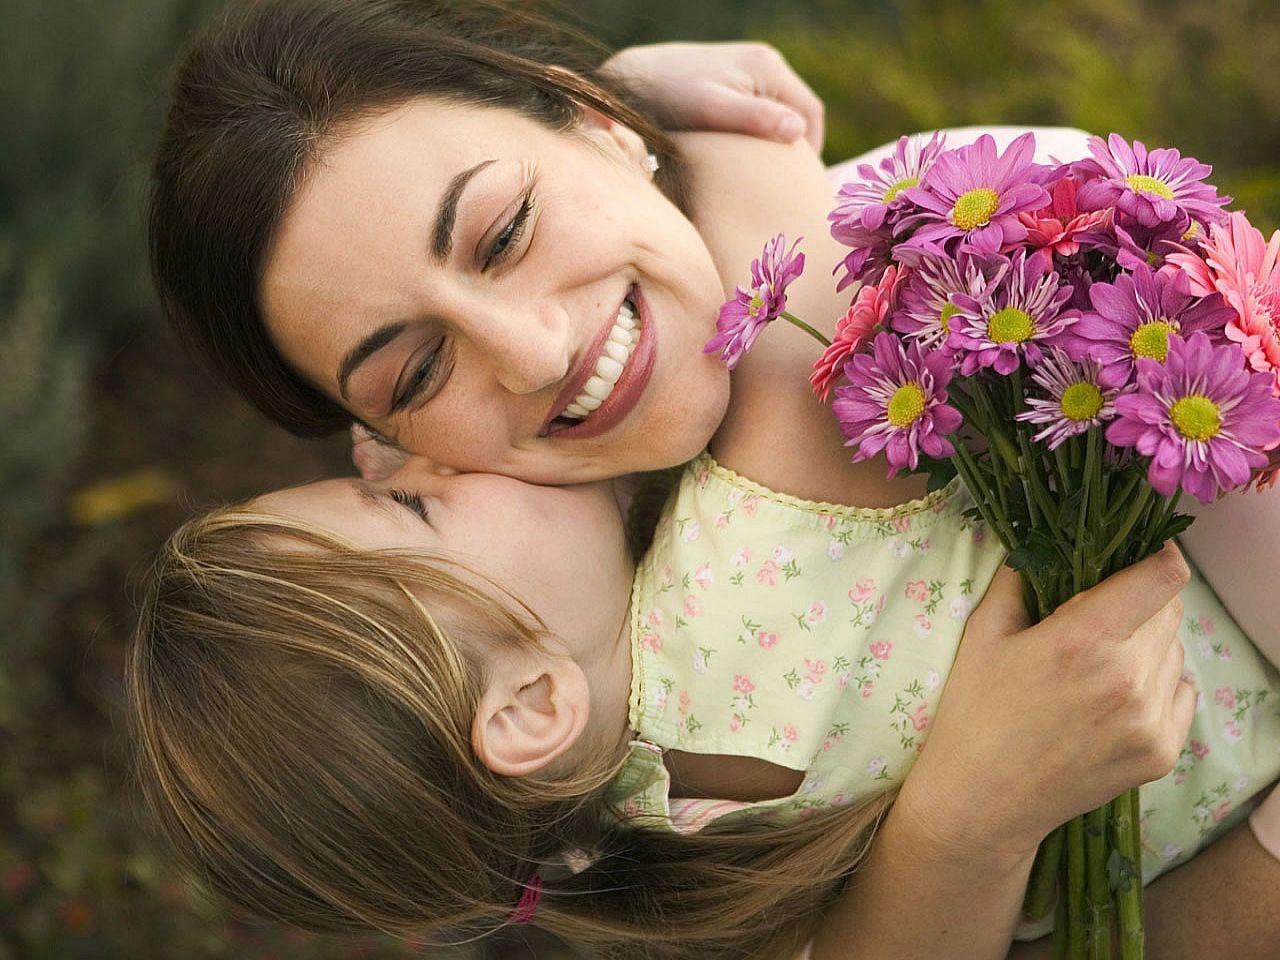 Охрана картинки, день матери нежные картинки